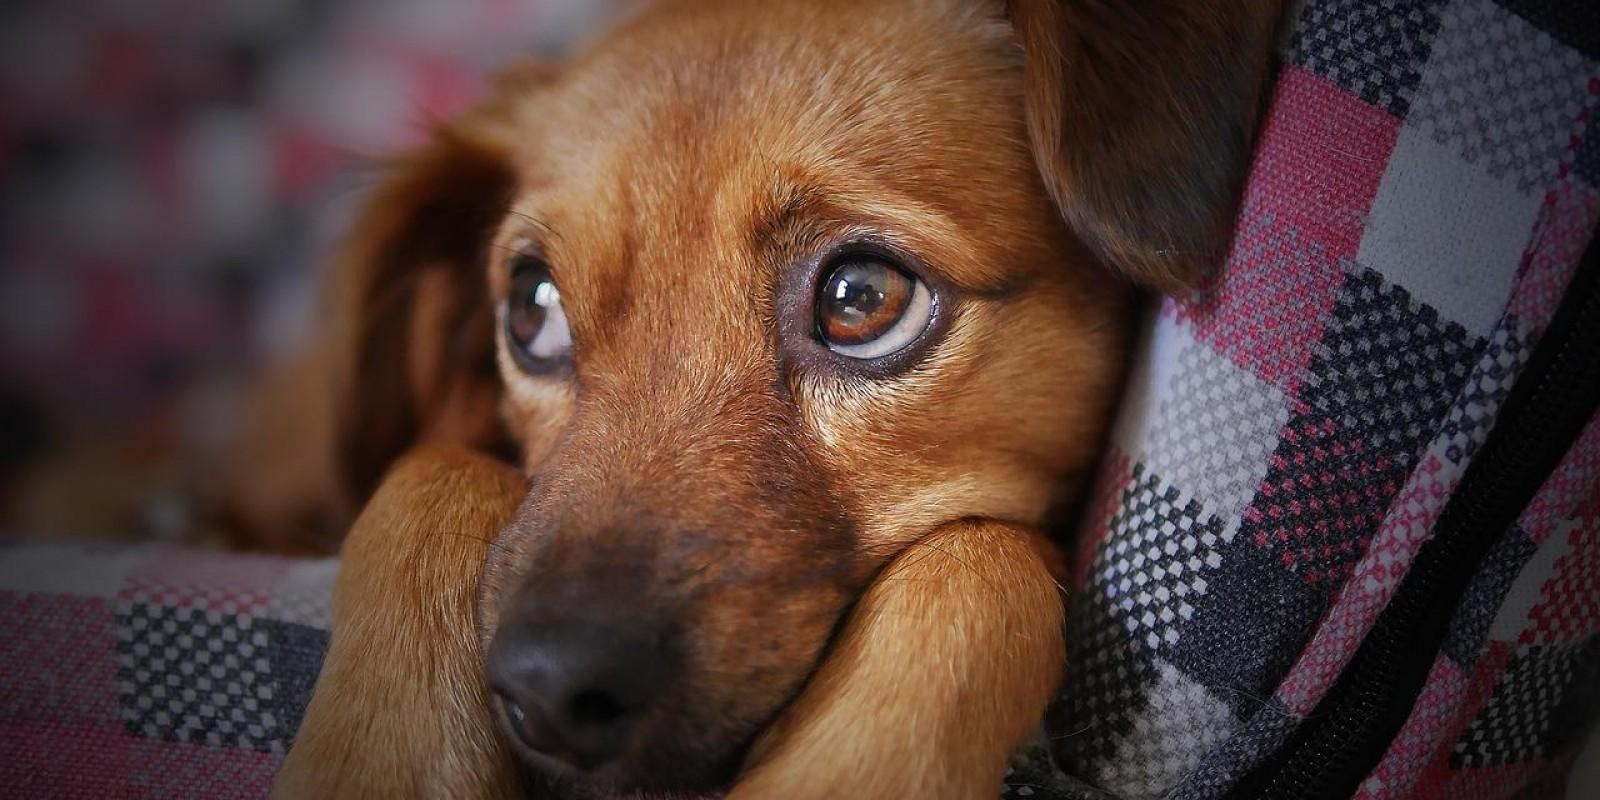 Lambeijos, Carla Ruas - Os Cães Entendem o que Falamos?